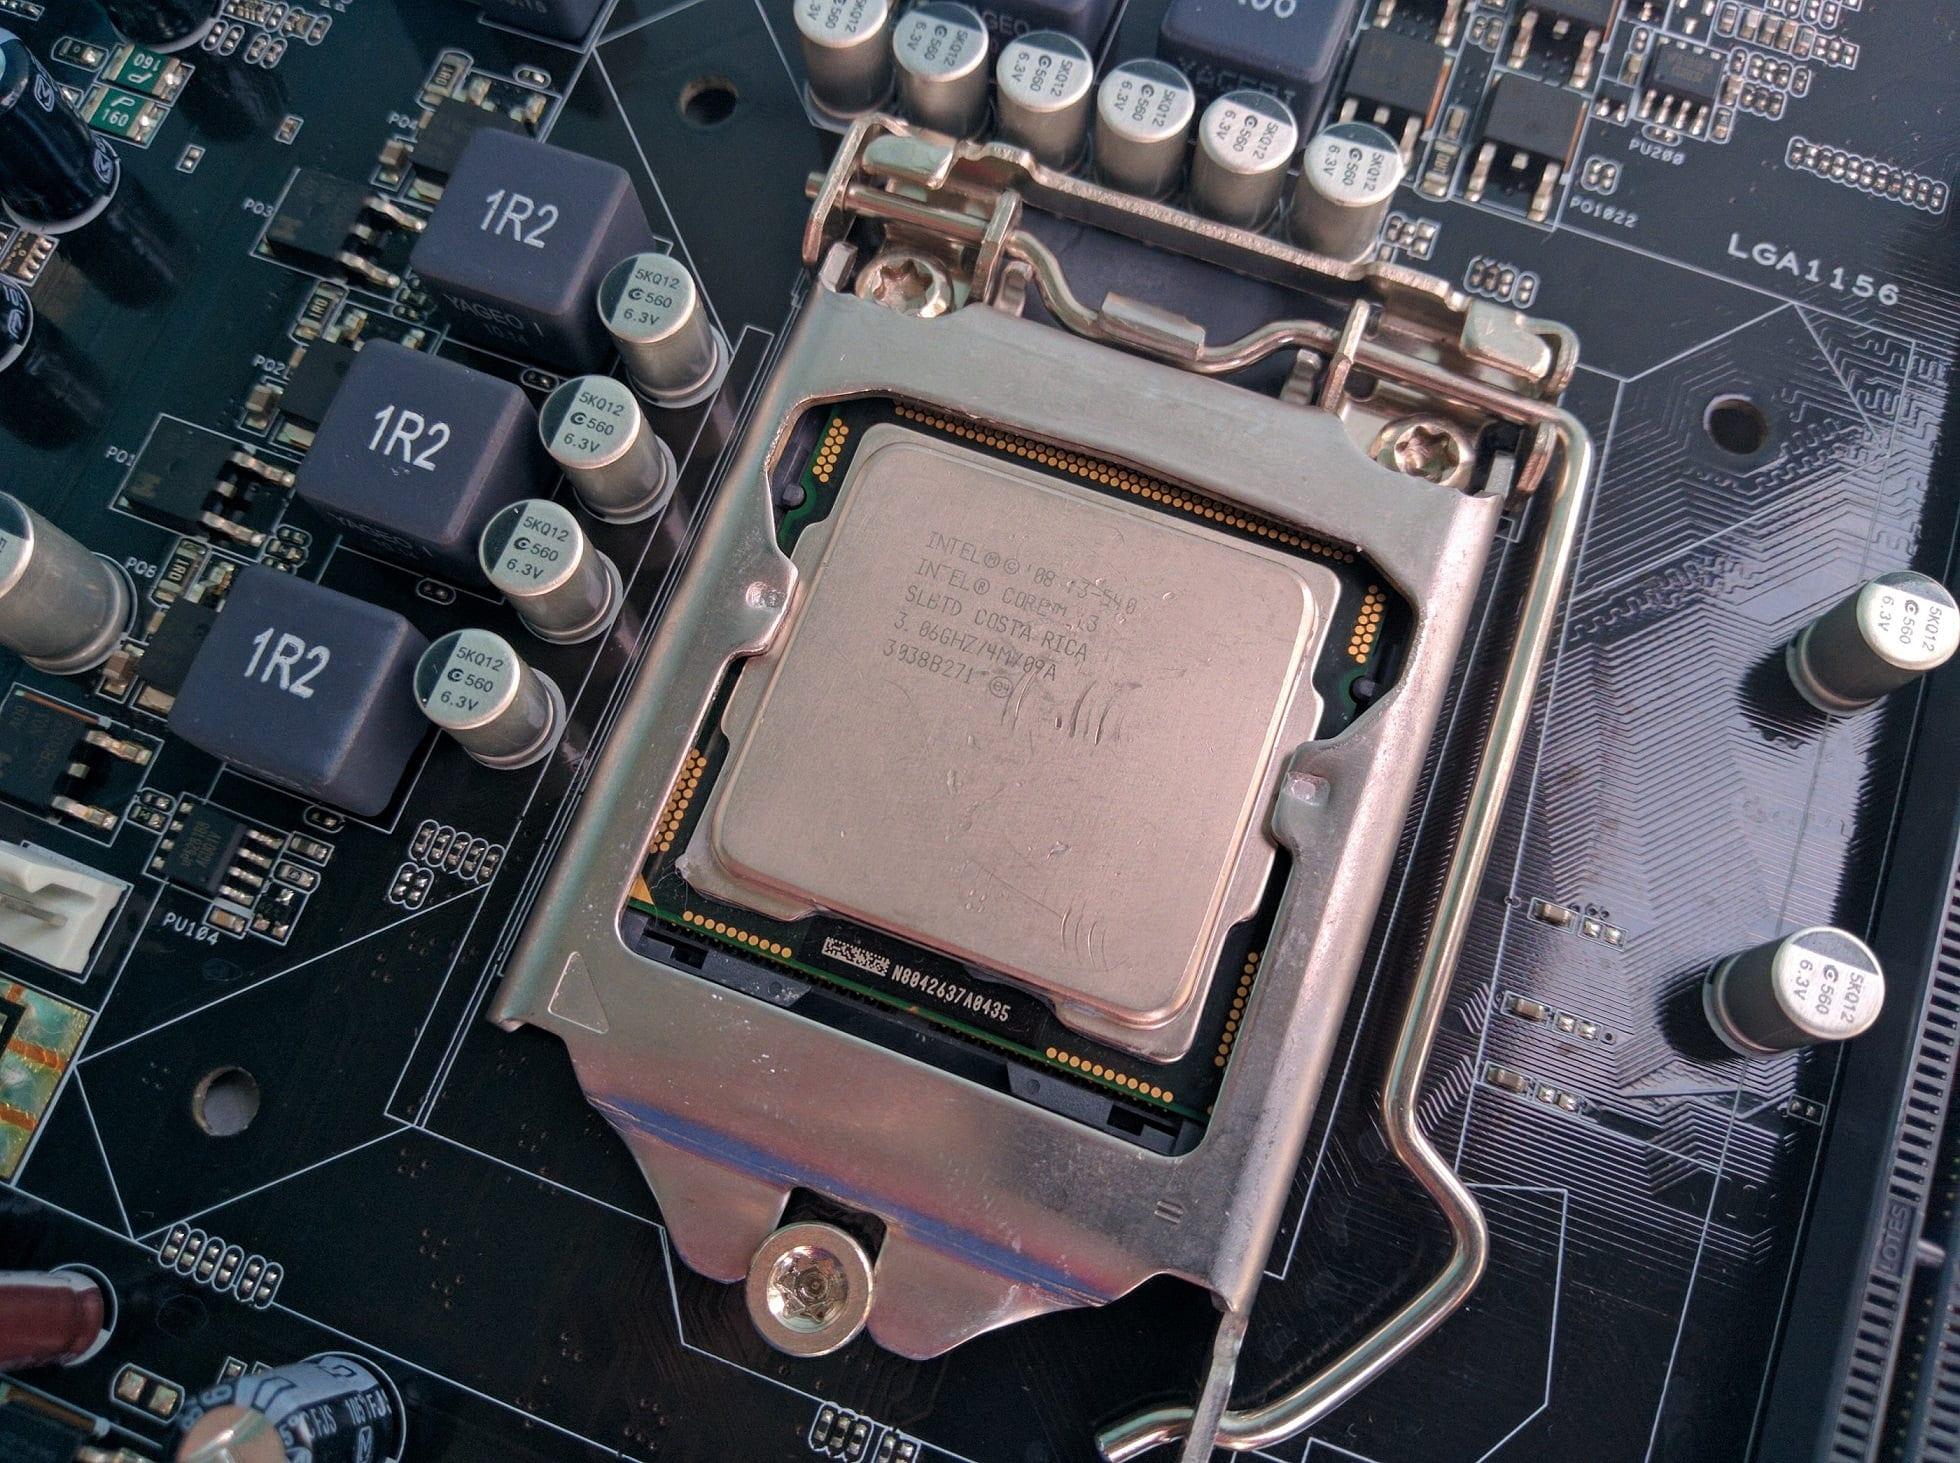 На что способен Core i3 первого поколения в 2017 году: Тестирование Core i3 540 3066MHz против 4600MHz в играх